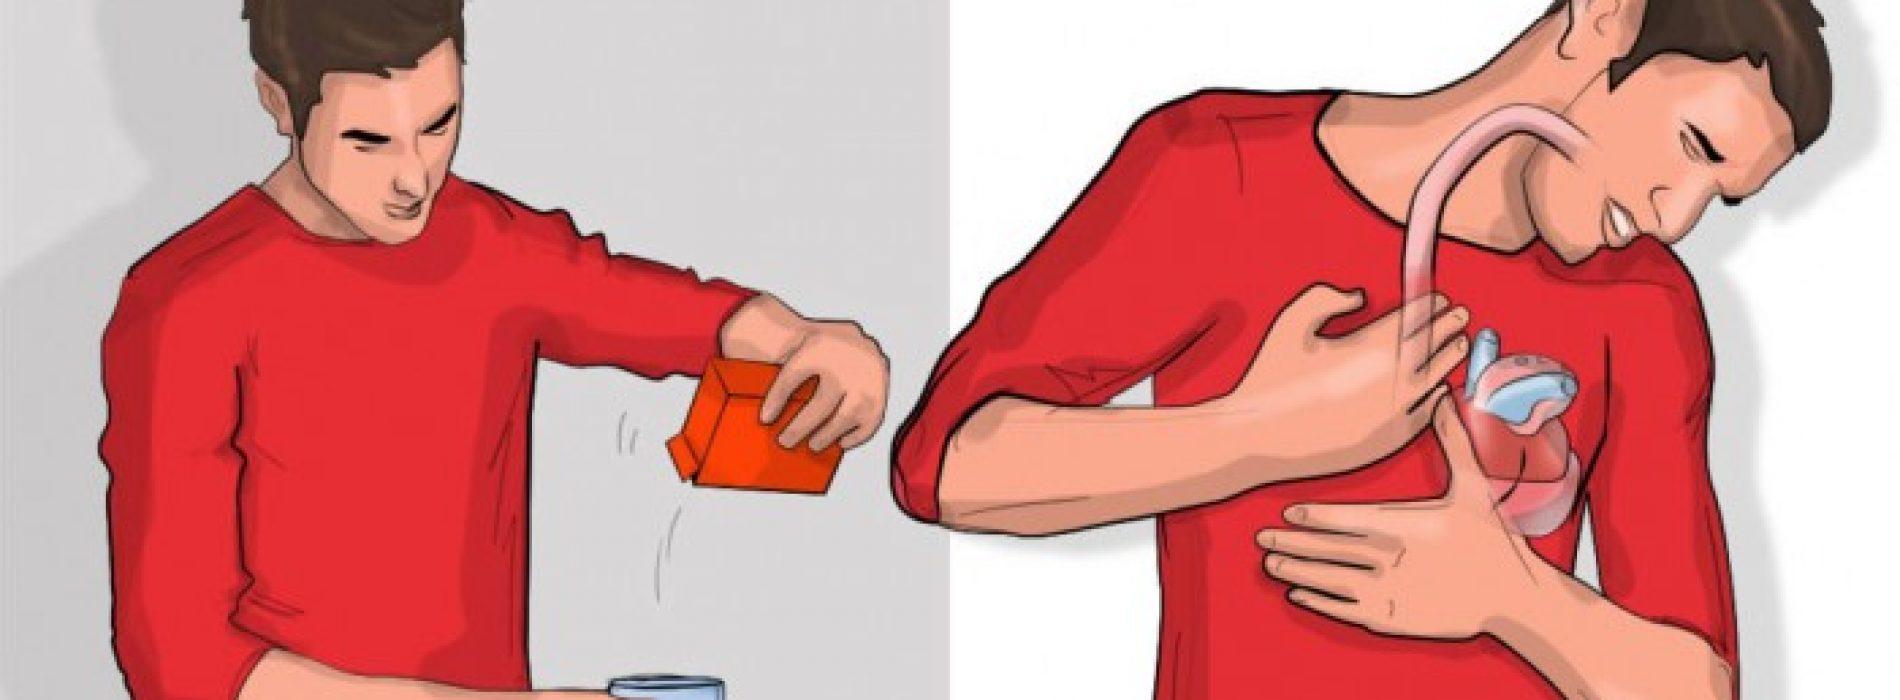 Dit gebeurt er met je lichaam als je water met baking soda drinkt!